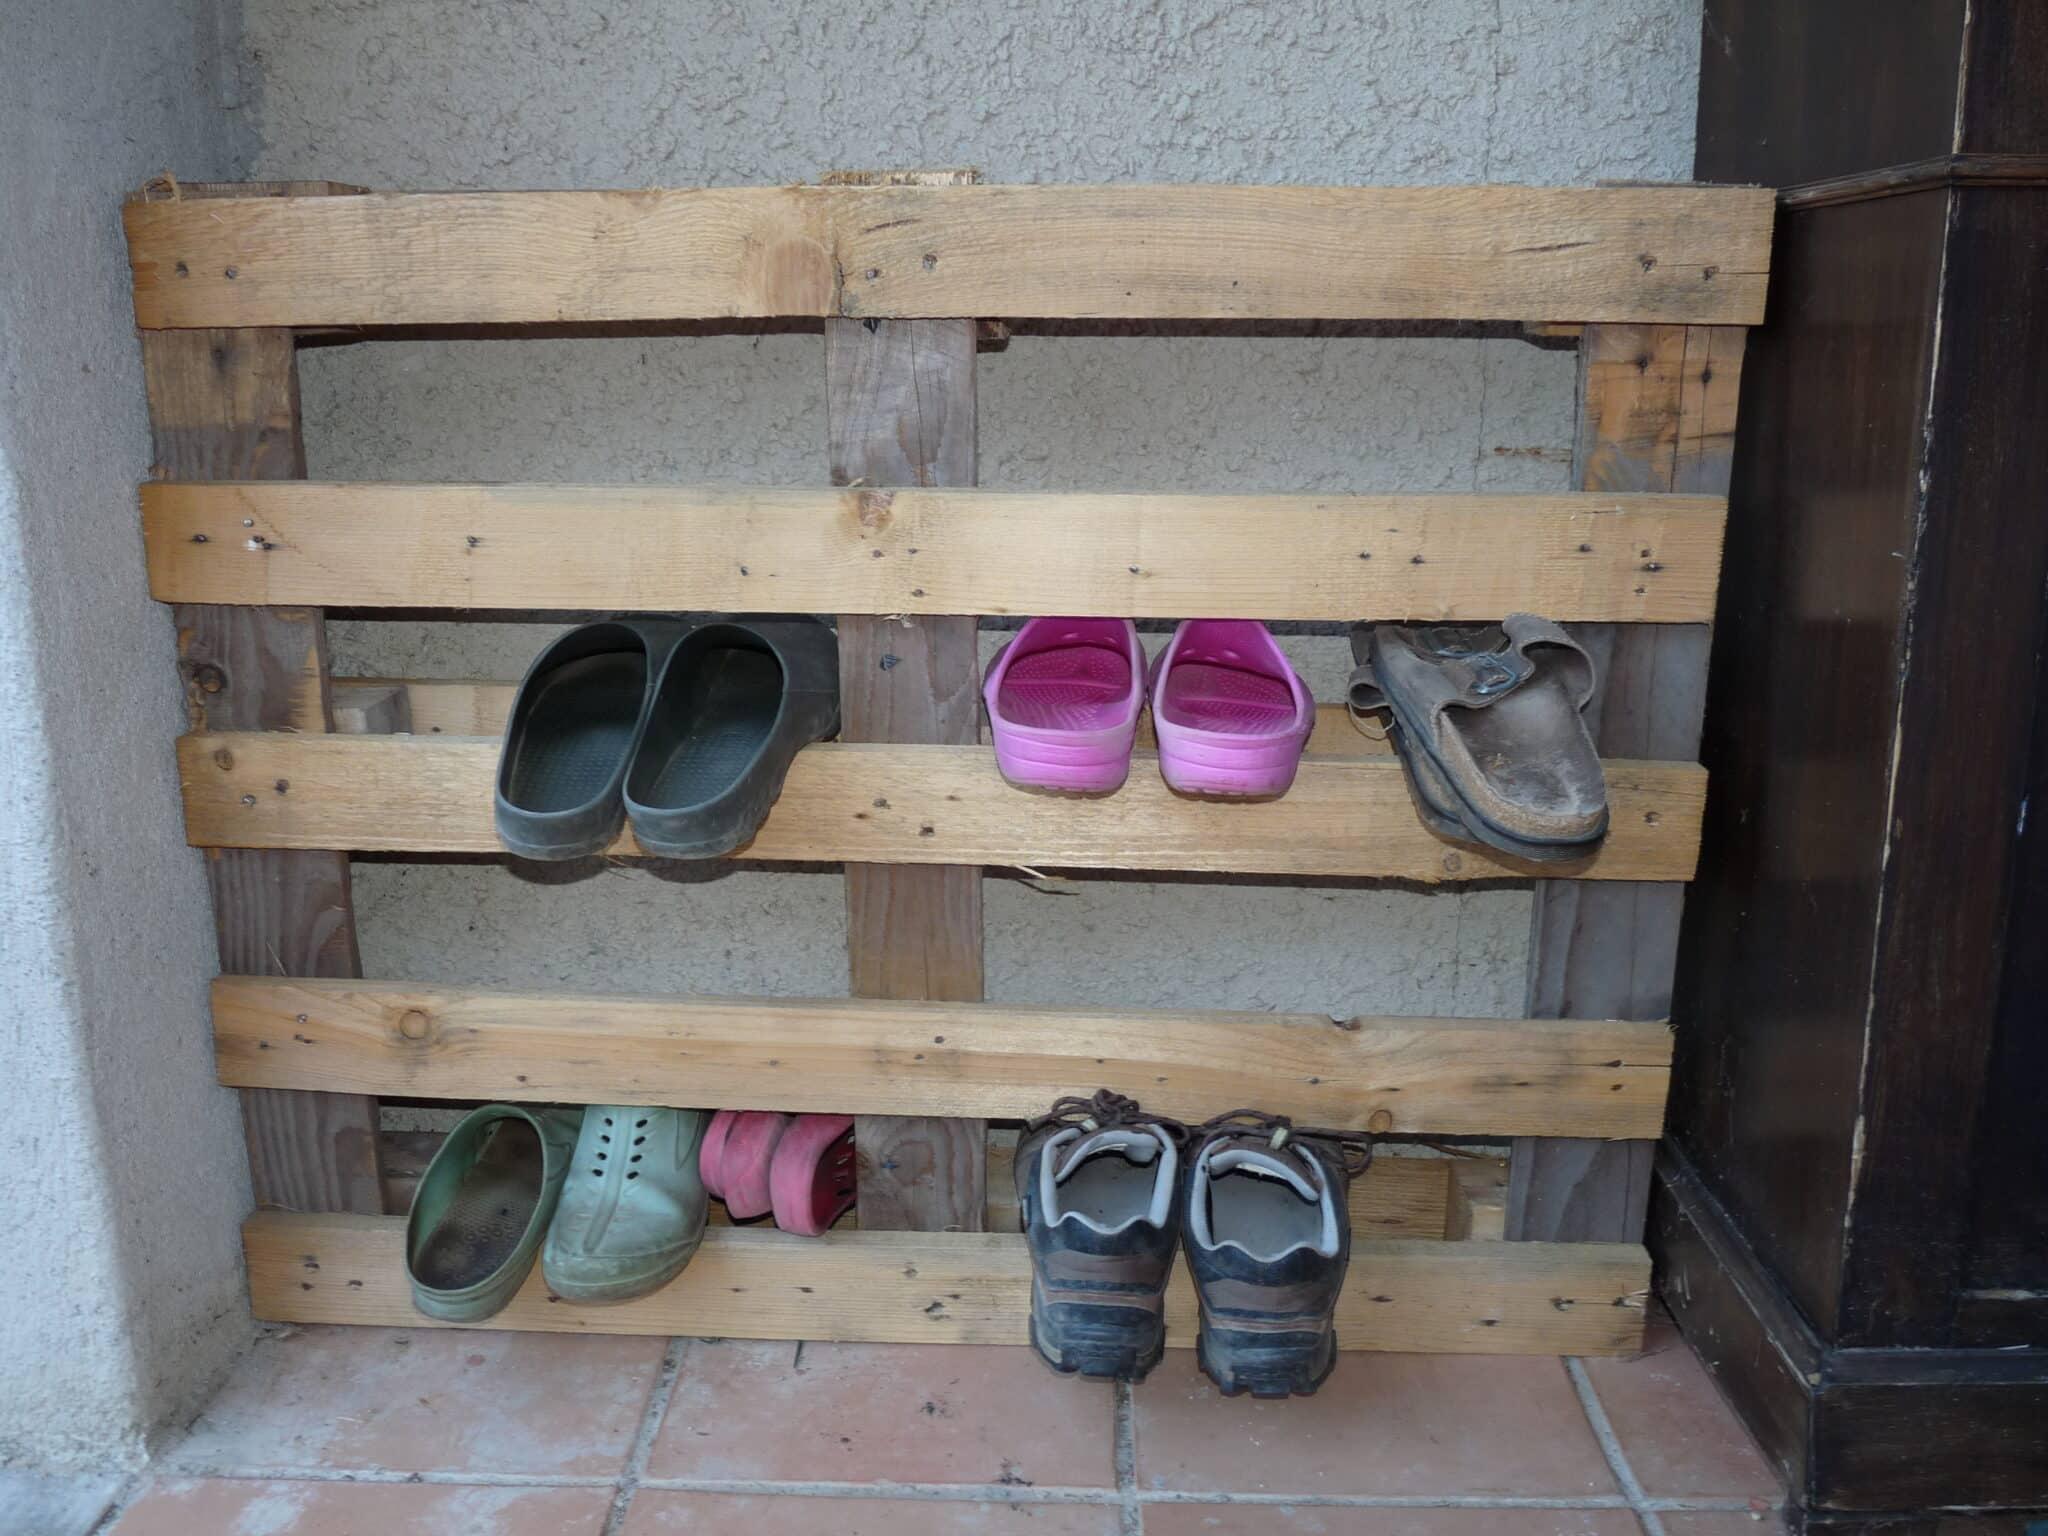 id e r cup pour ranger les chaussures de jardin autour du naturel. Black Bedroom Furniture Sets. Home Design Ideas